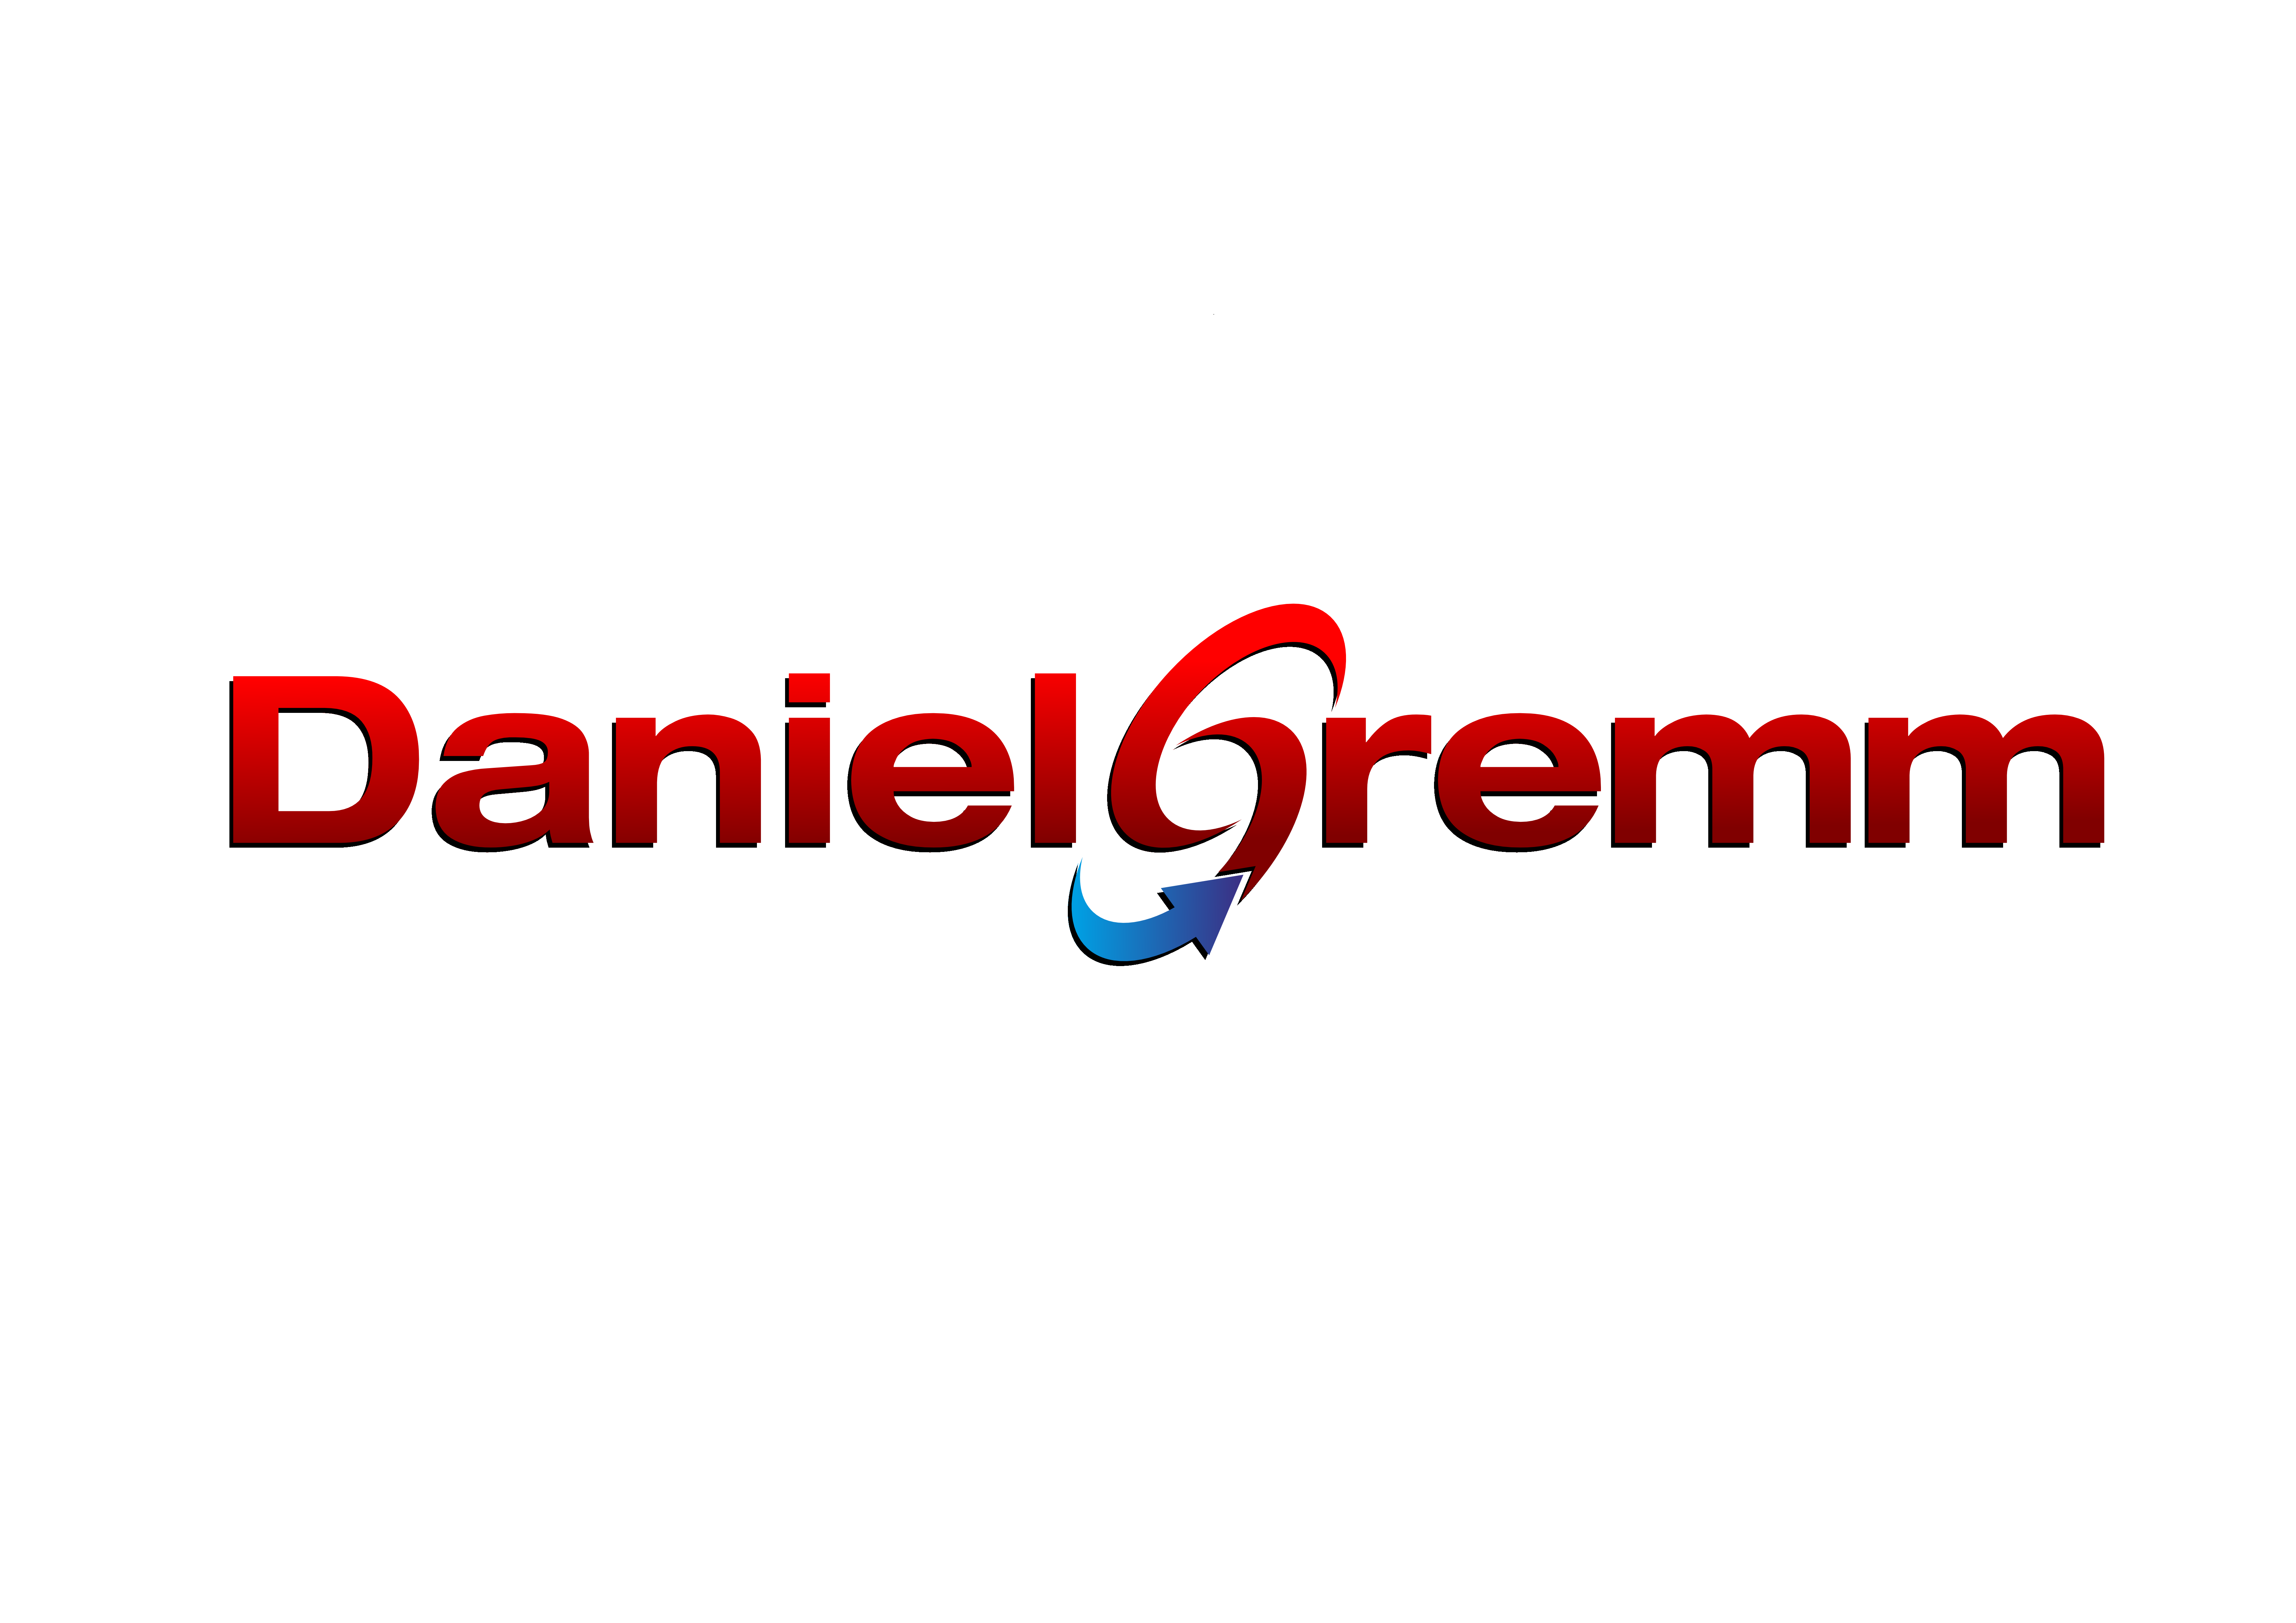 Daniel Gremm